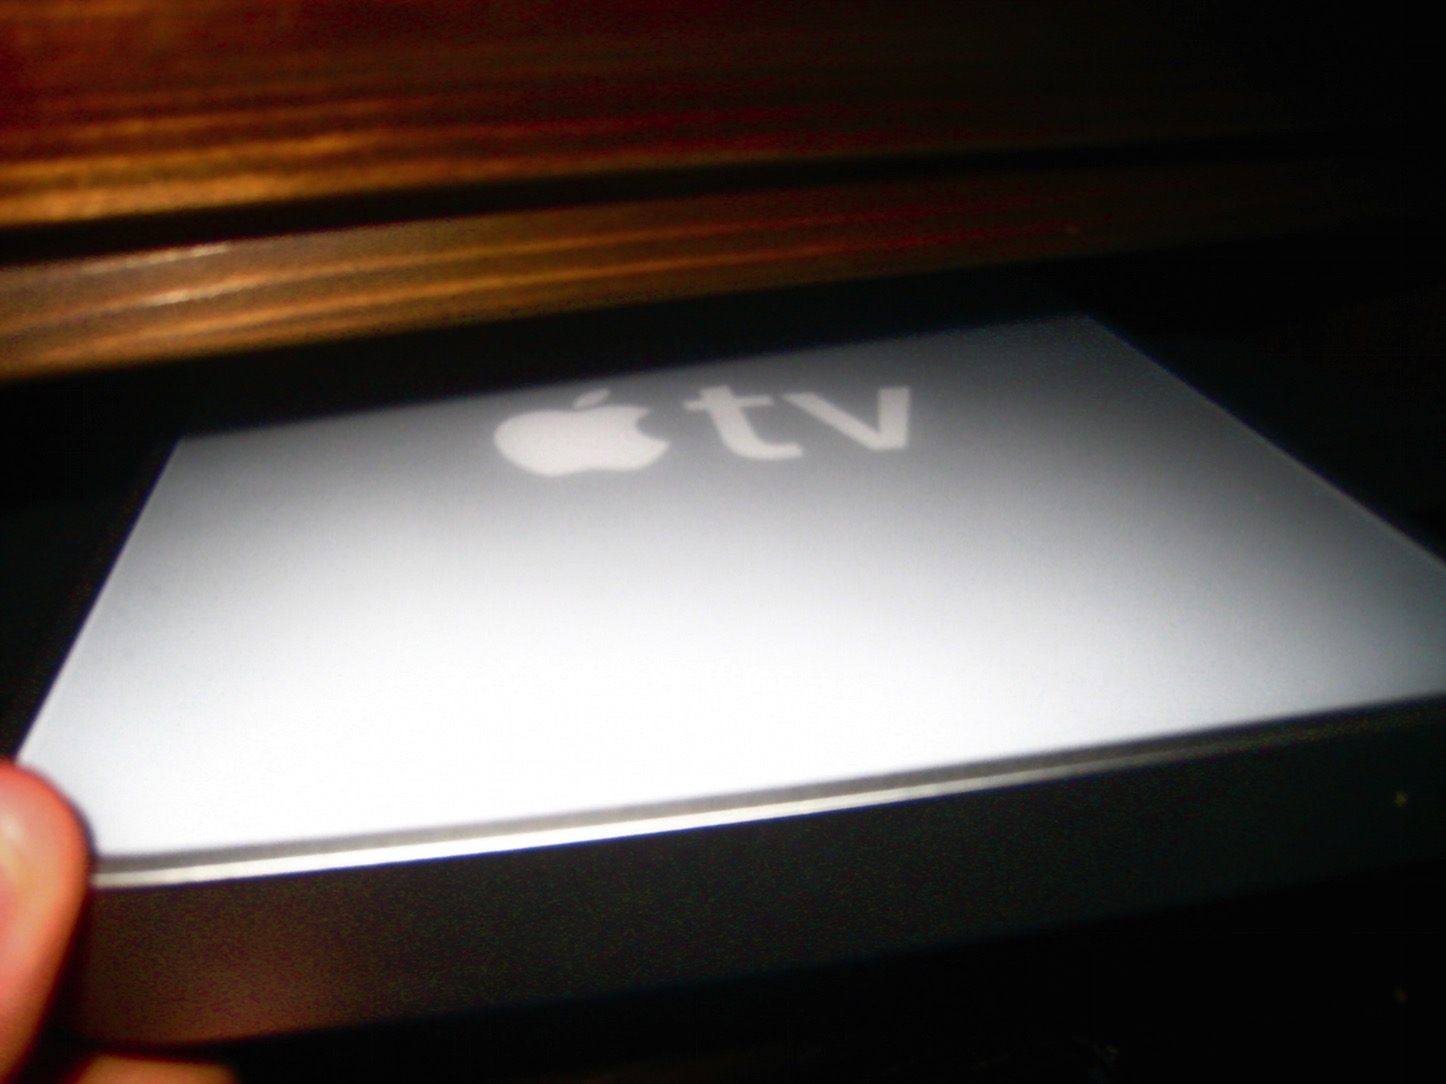 Original Apple TV 2007